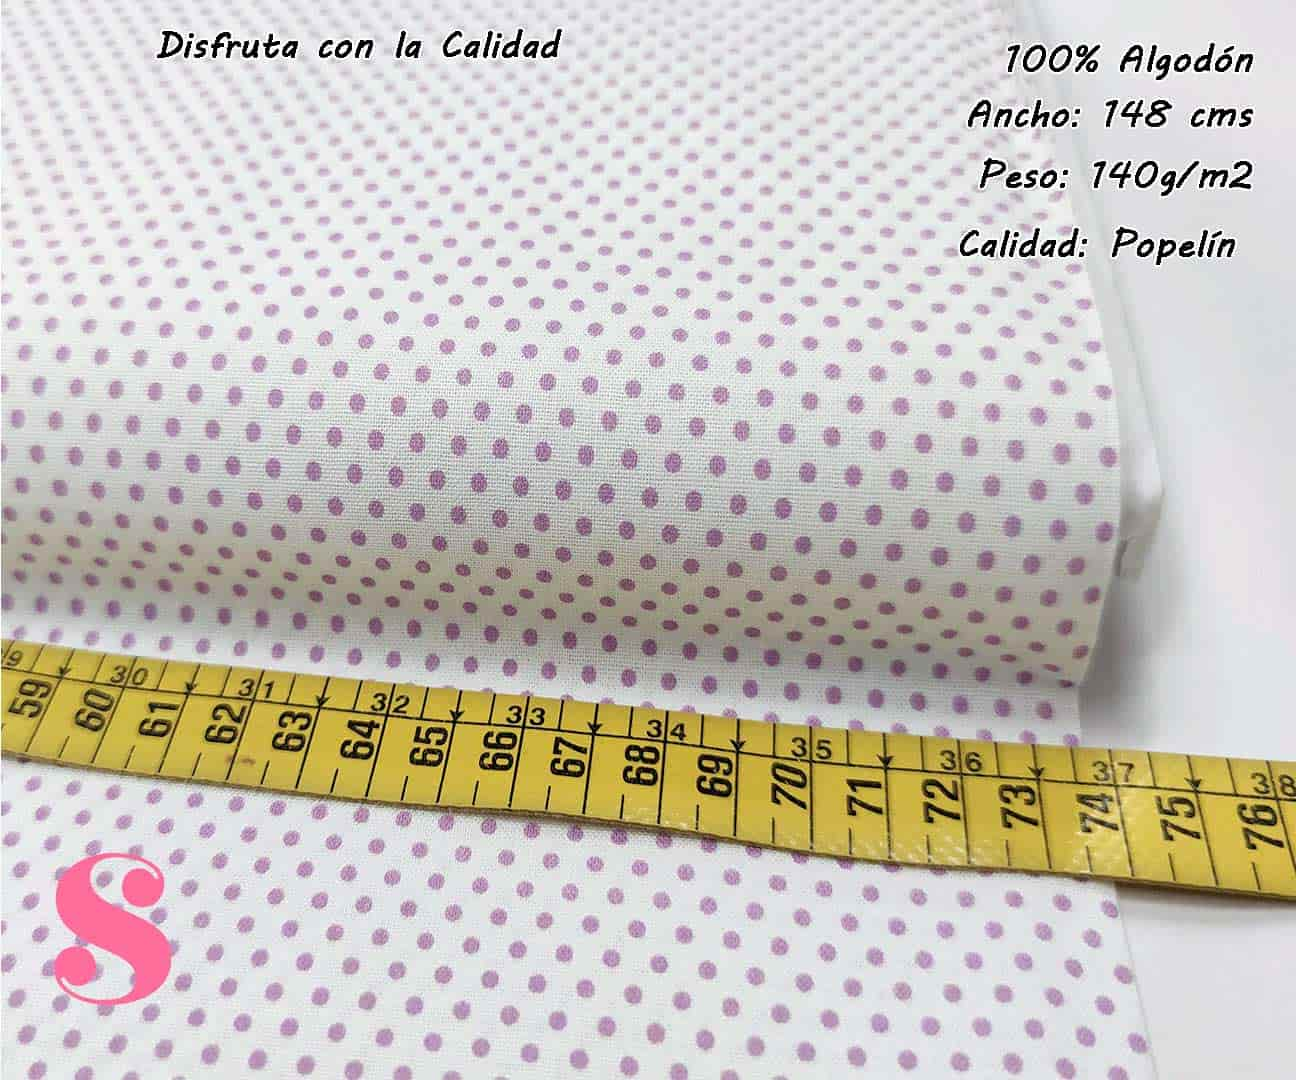 topos-algodon-estampado-naturales-geometricas-modernas-patchwork-para-vestidos-liberty,Tejido Algodón Estampado Topos Malva Fondo Blanco